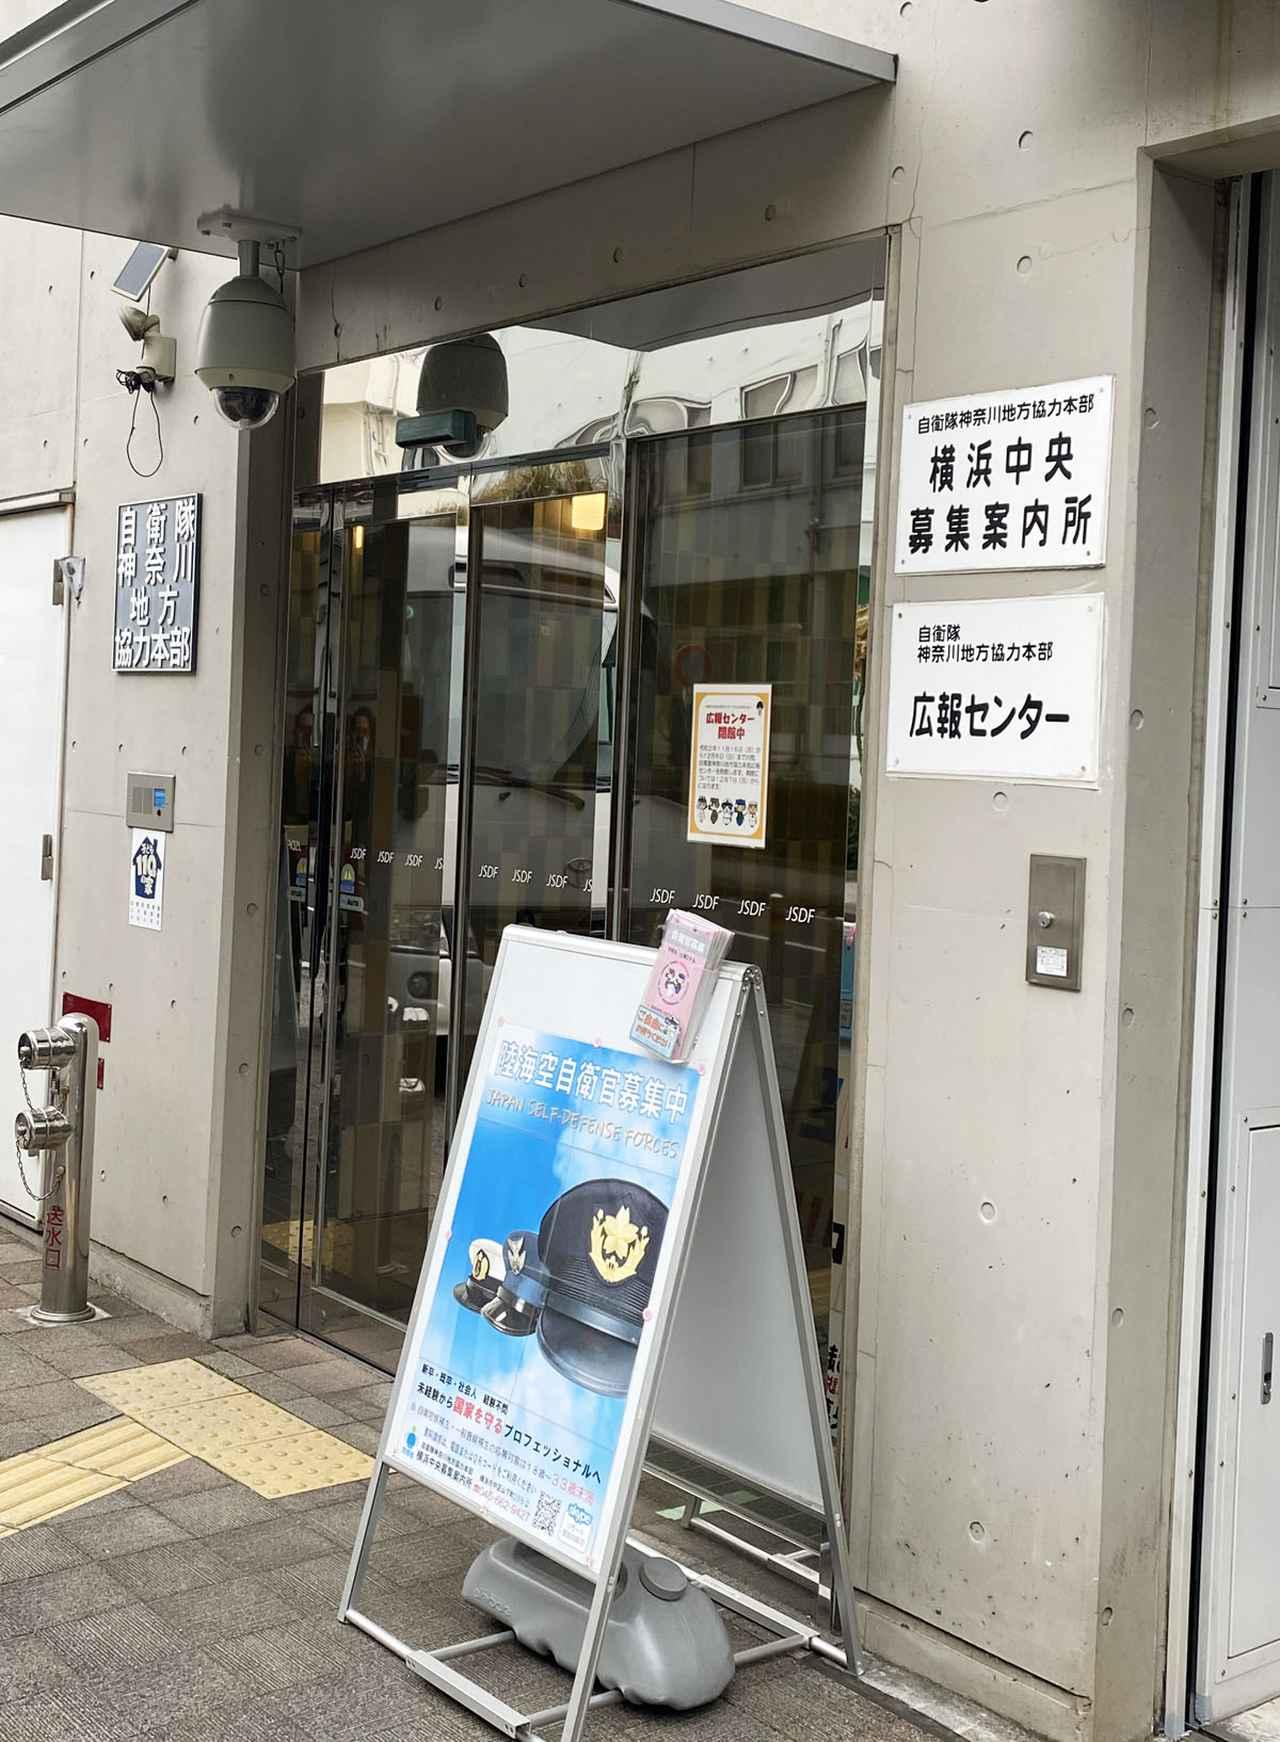 画像: JR石川町駅から徒歩4分。地本の本部と中央募集案内所、そして広報センターが一緒になっています。私のように駅名を勘違いして東横線の元町・中華街駅に降りると、少し歩く羽目に。